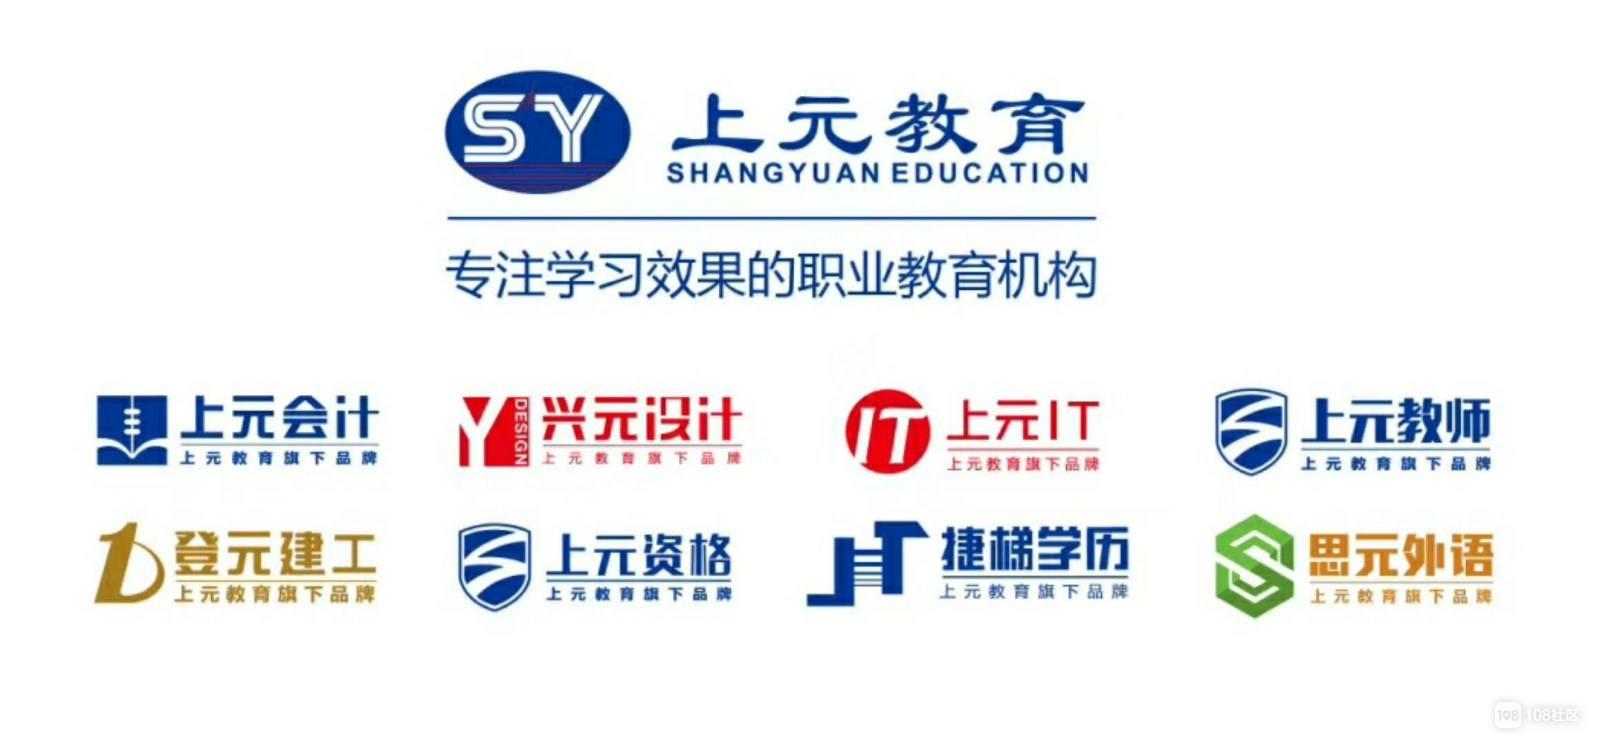 靖江平面设计培训,靖江哪里有学习平面设计专业的